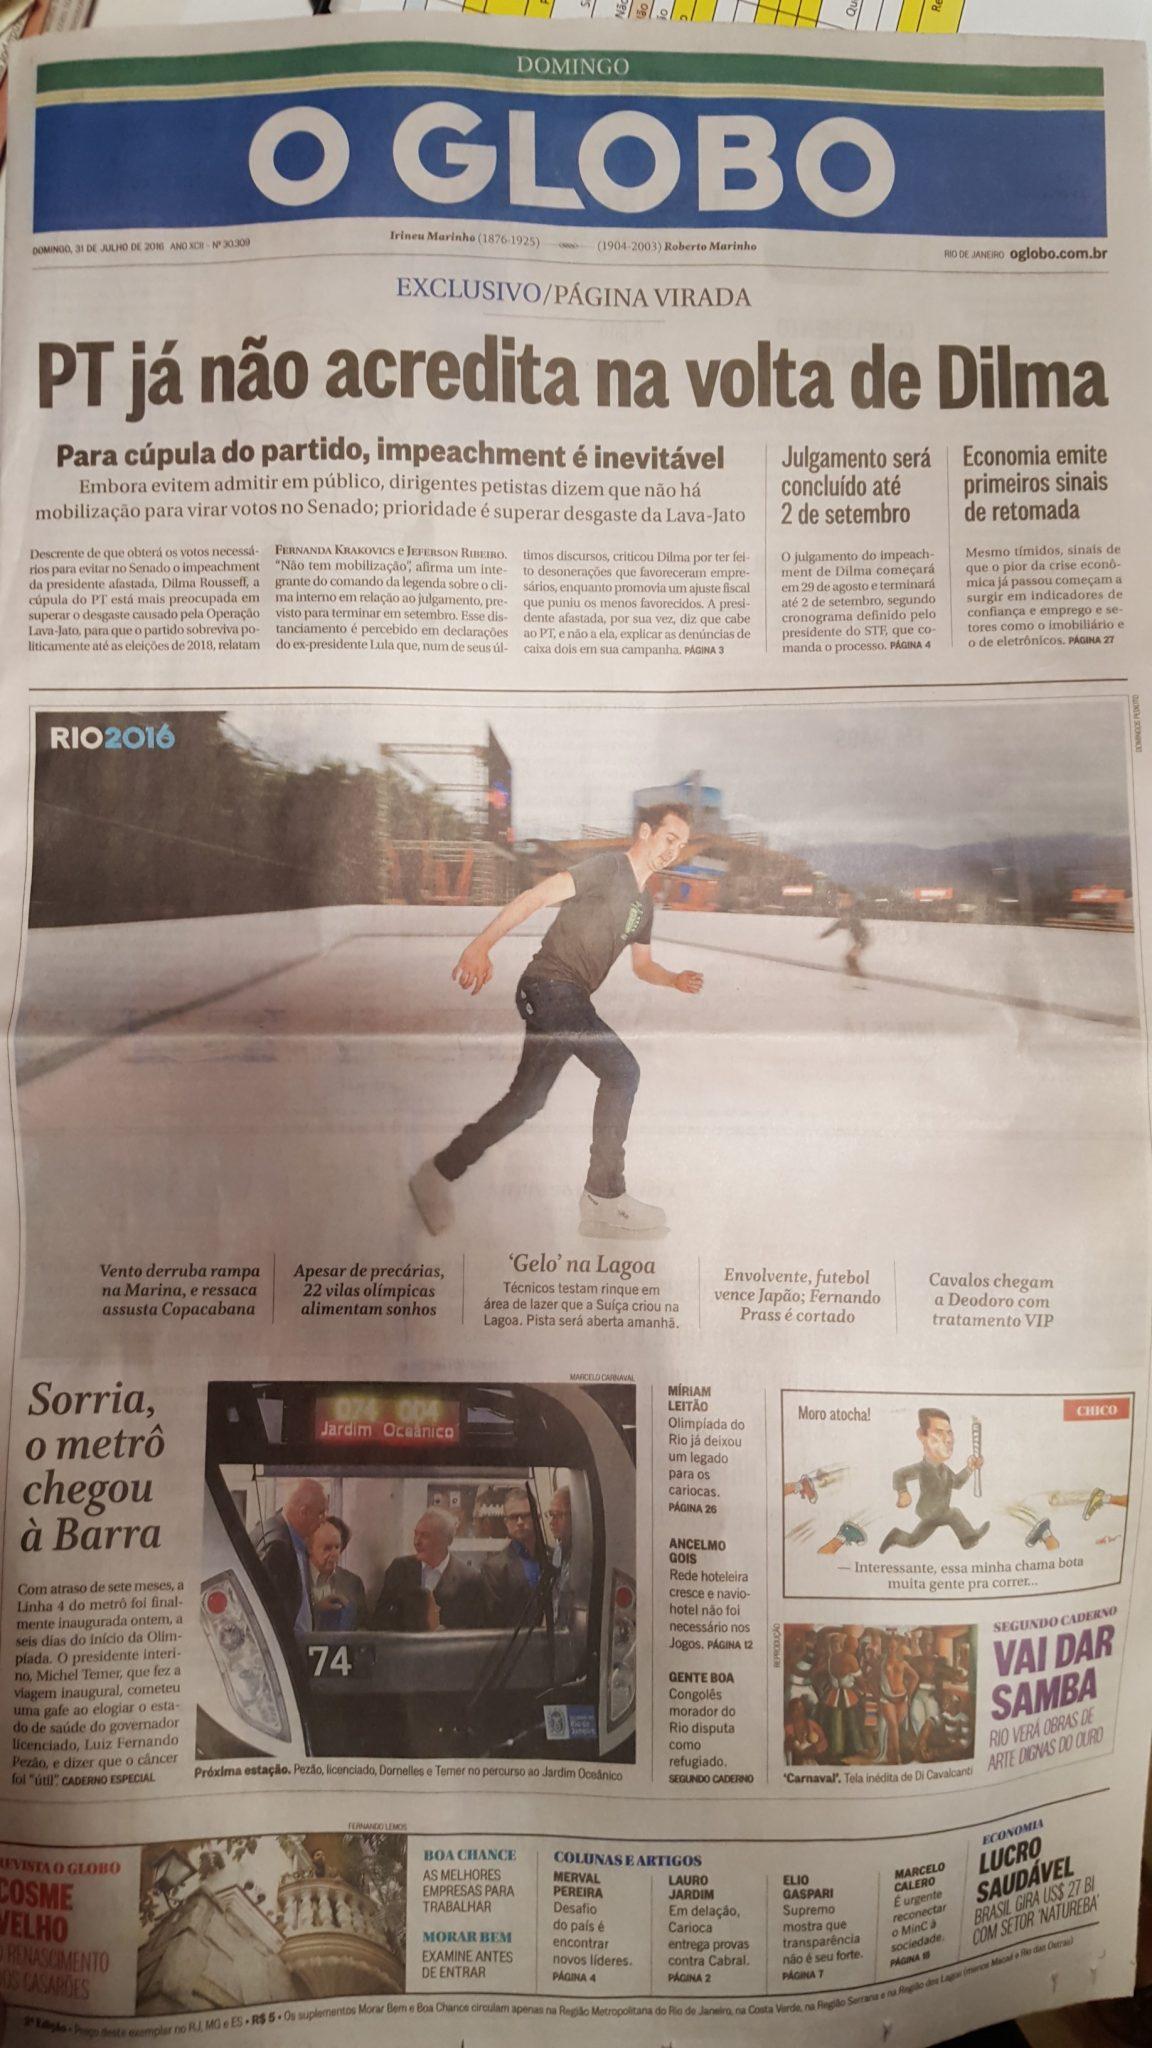 La pista de hielo ecológico Glice® ha sido mencionada en el diario Globo, el más importante de Brasil.